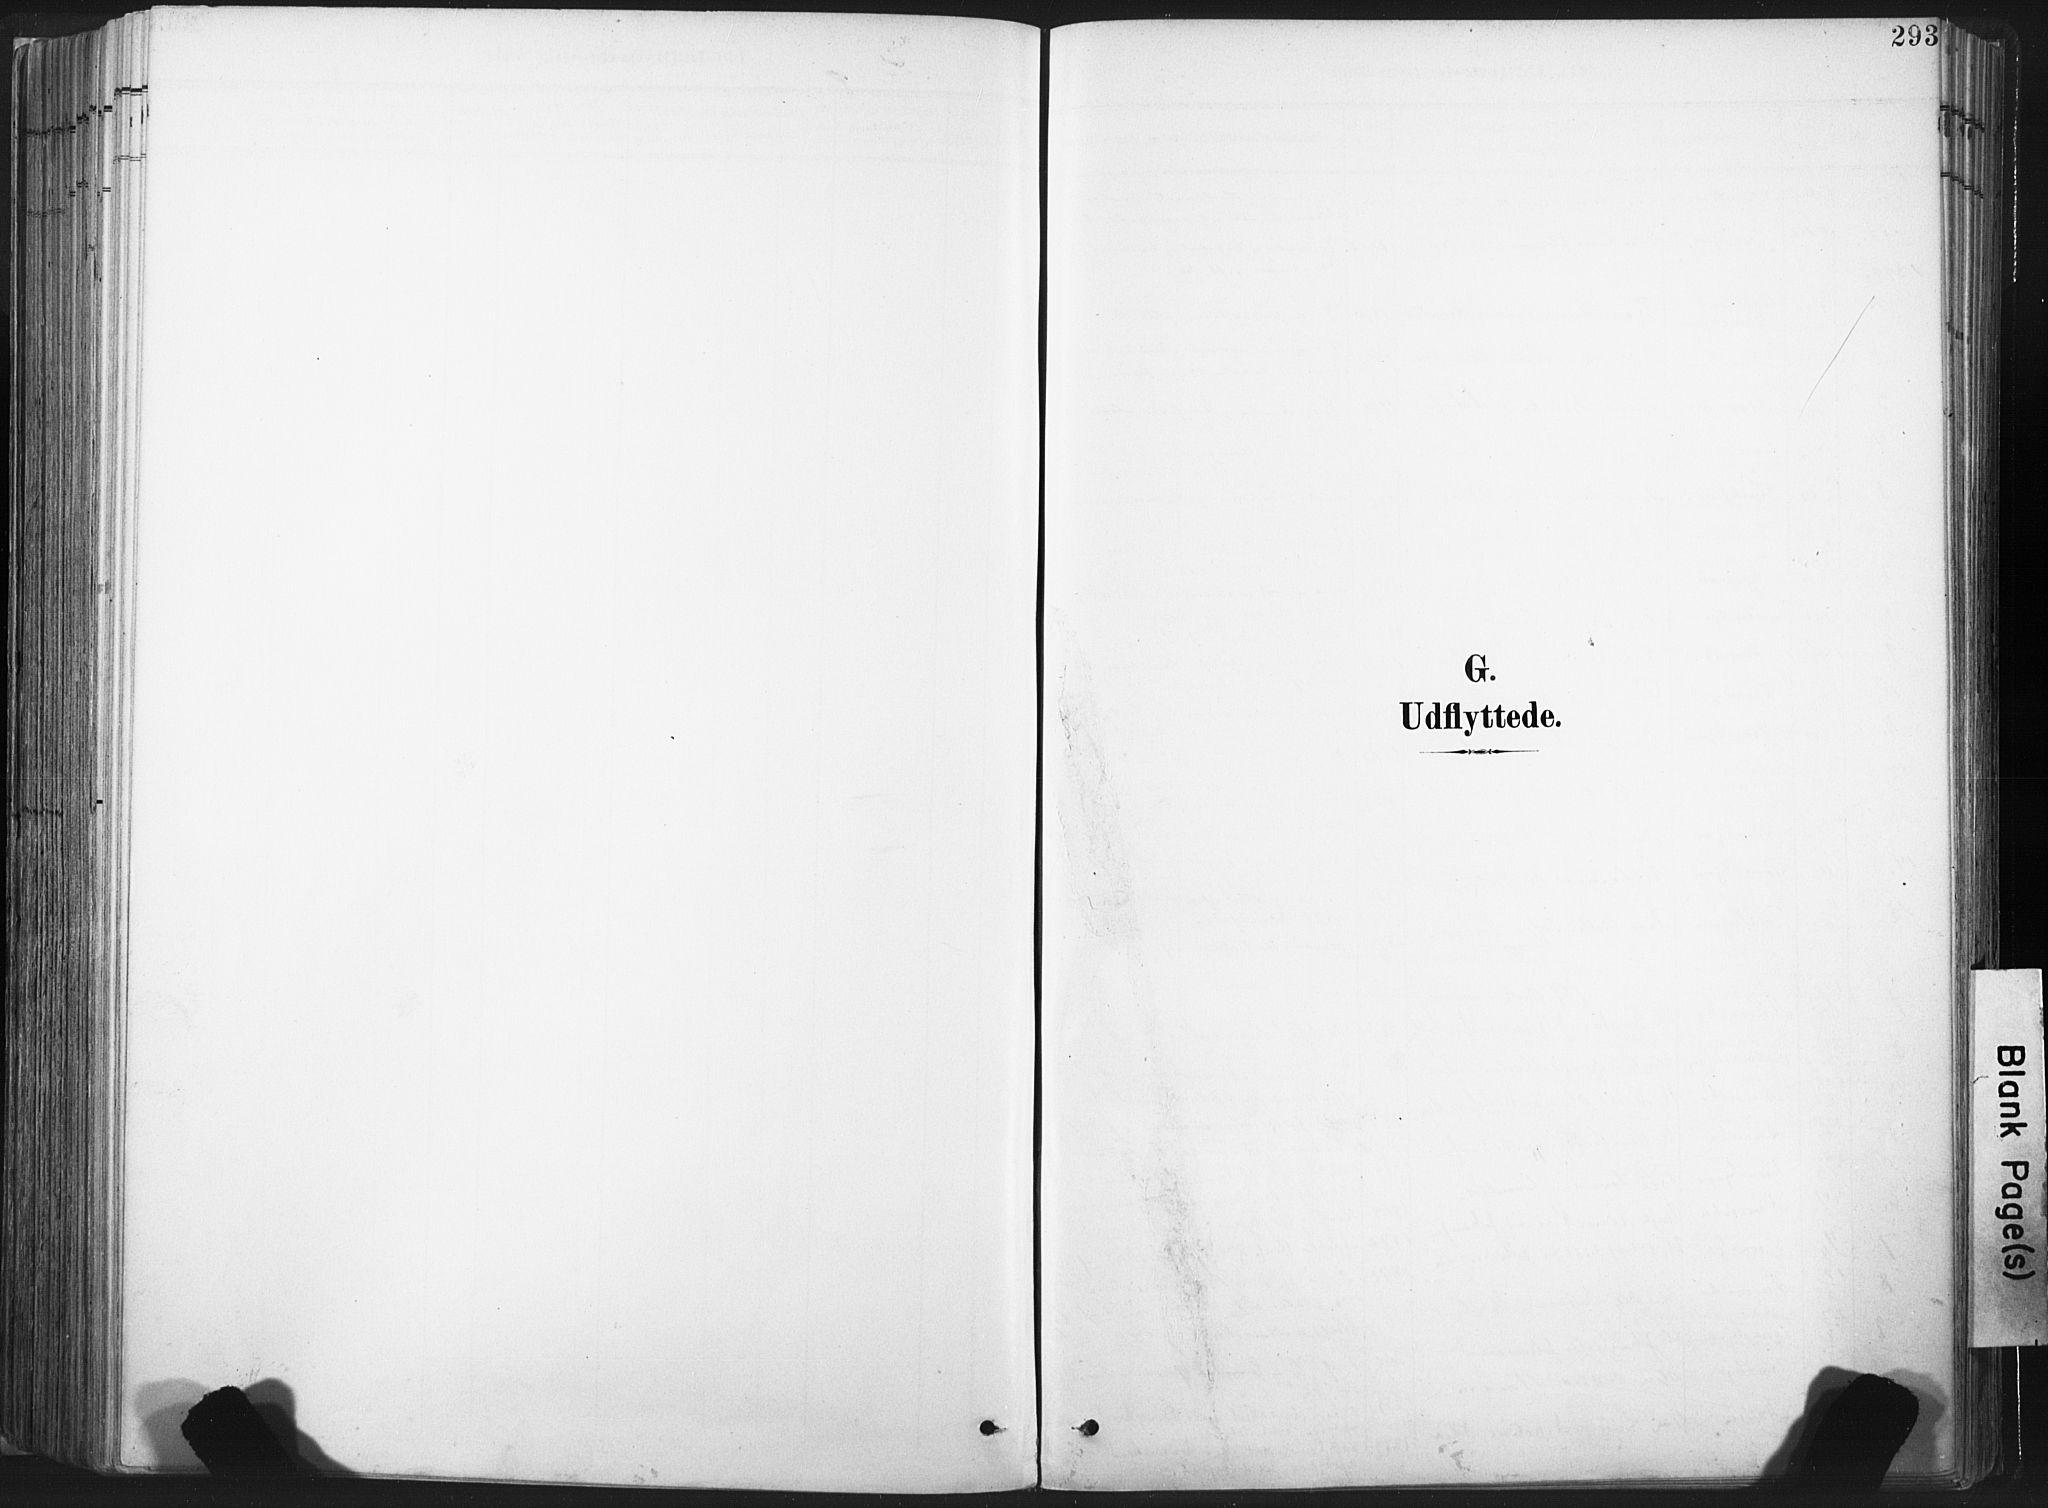 SAT, Ministerialprotokoller, klokkerbøker og fødselsregistre - Nord-Trøndelag, 717/L0162: Ministerialbok nr. 717A12, 1898-1923, s. 293